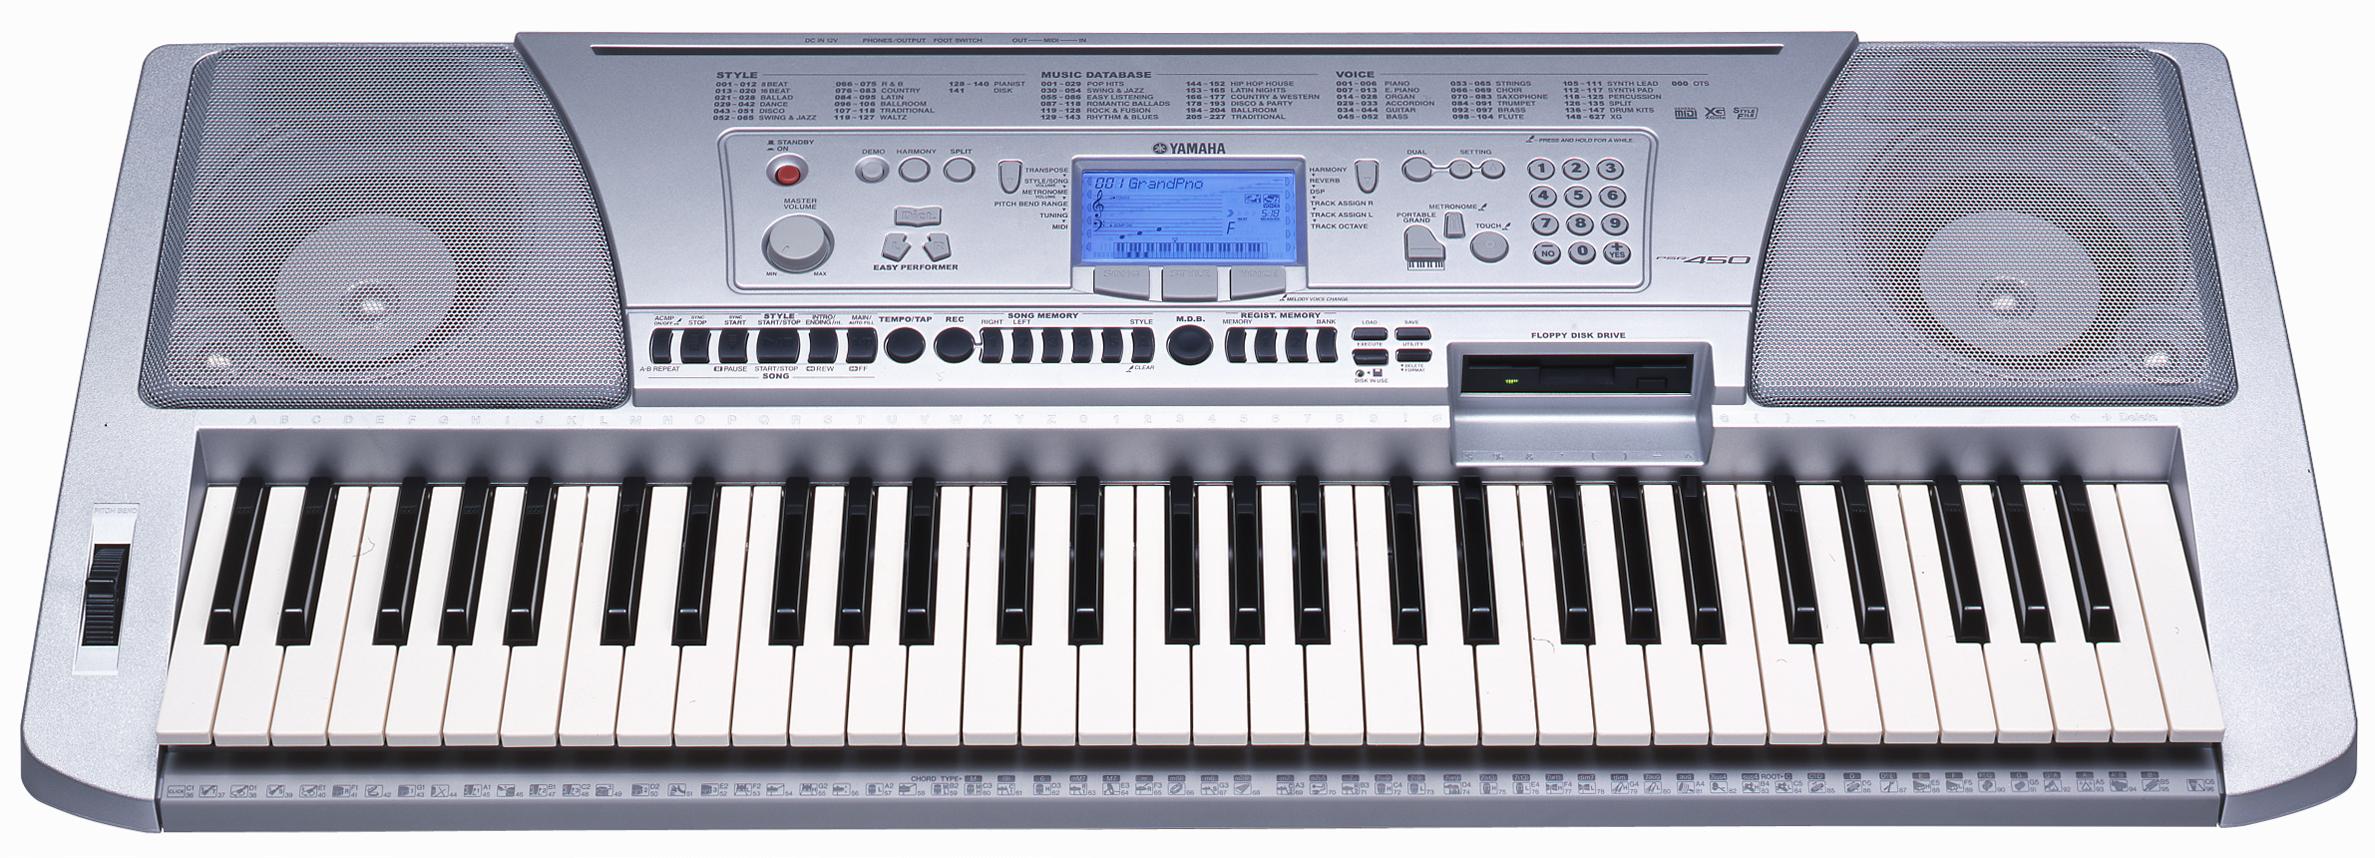 Yamaha psr 450 3